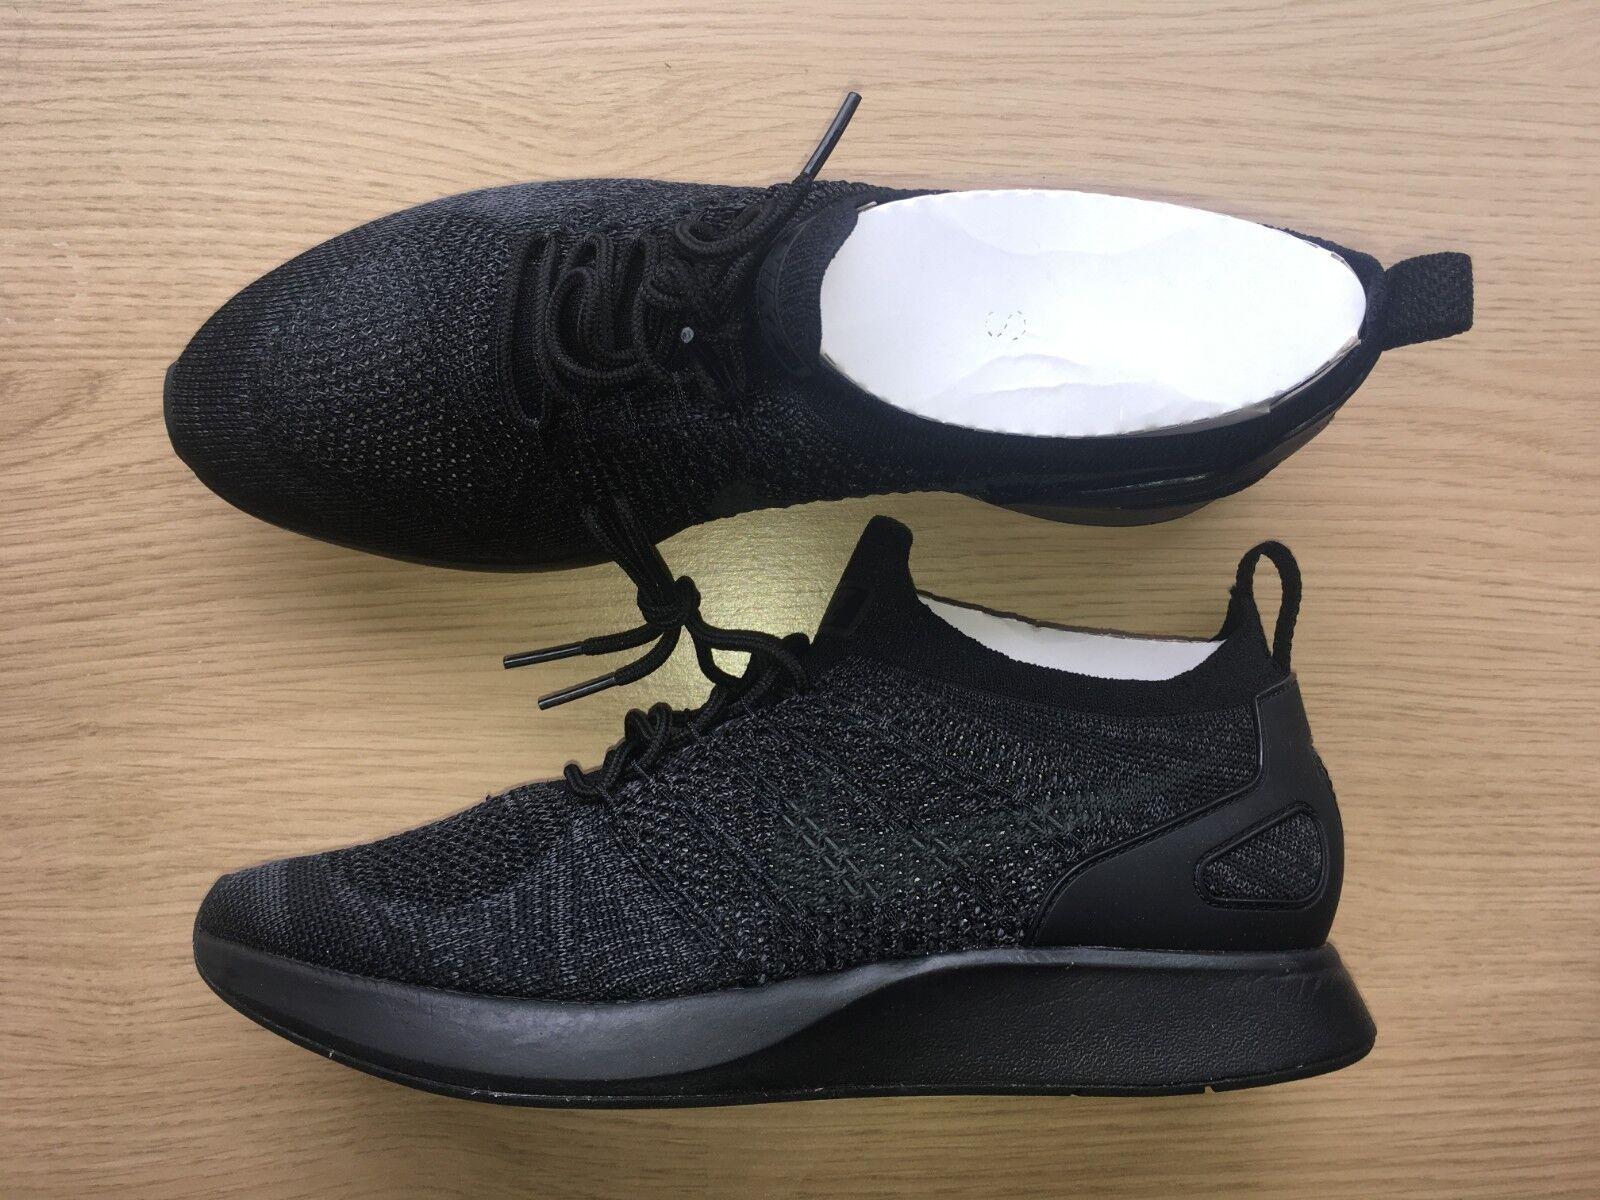 damen Nike Air Huarache Run Mid PRM UK 4 Eu37.5 807314 300 sequoia ... Luxus